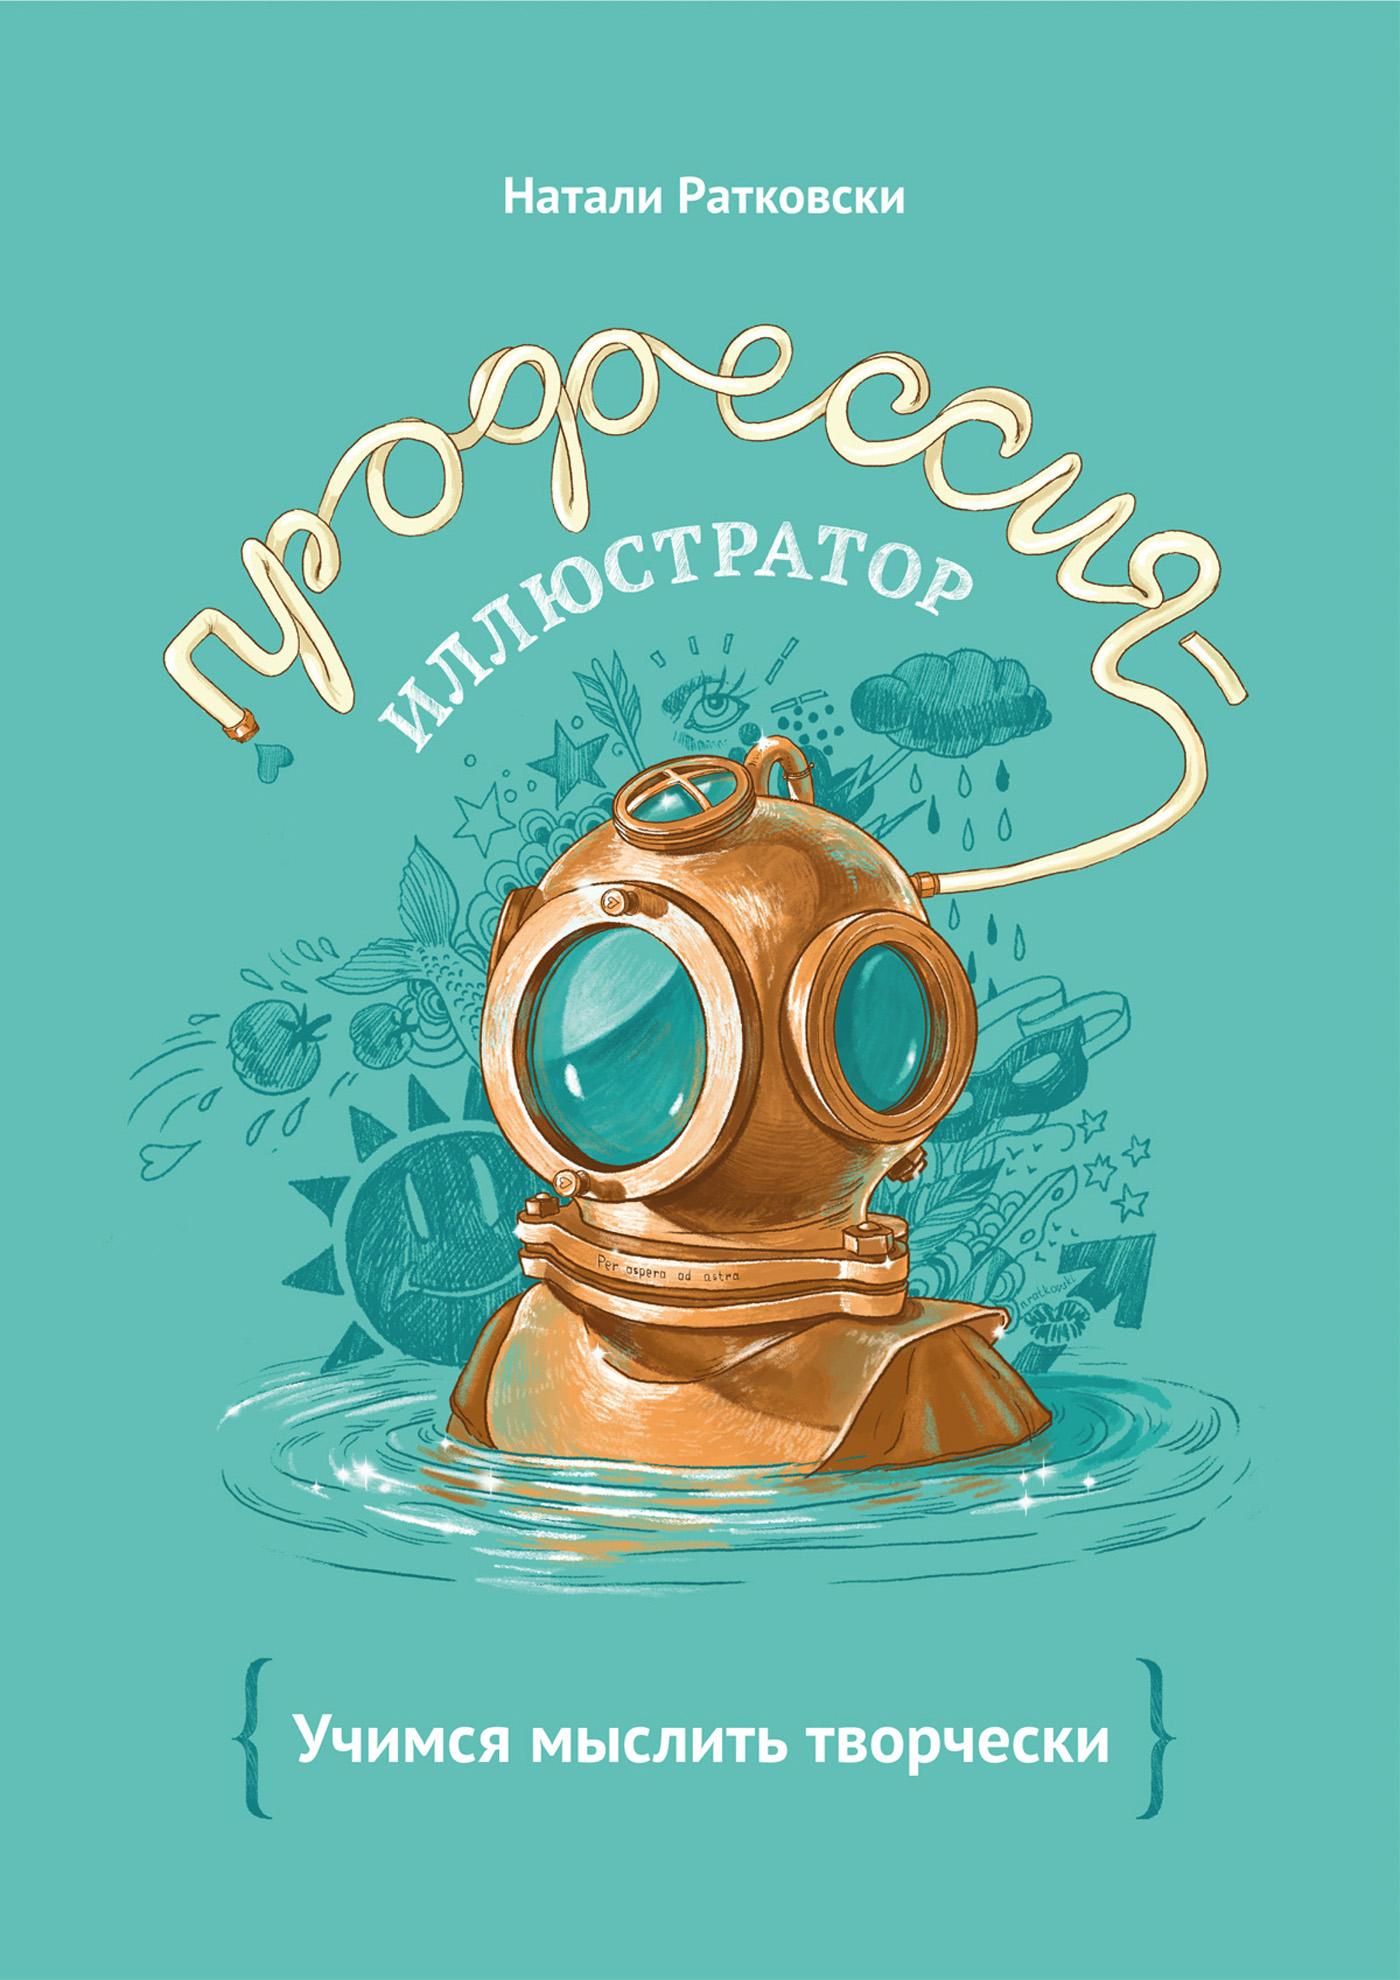 Купить книгу Профессия – иллюстратор, автора Натали Ратковски